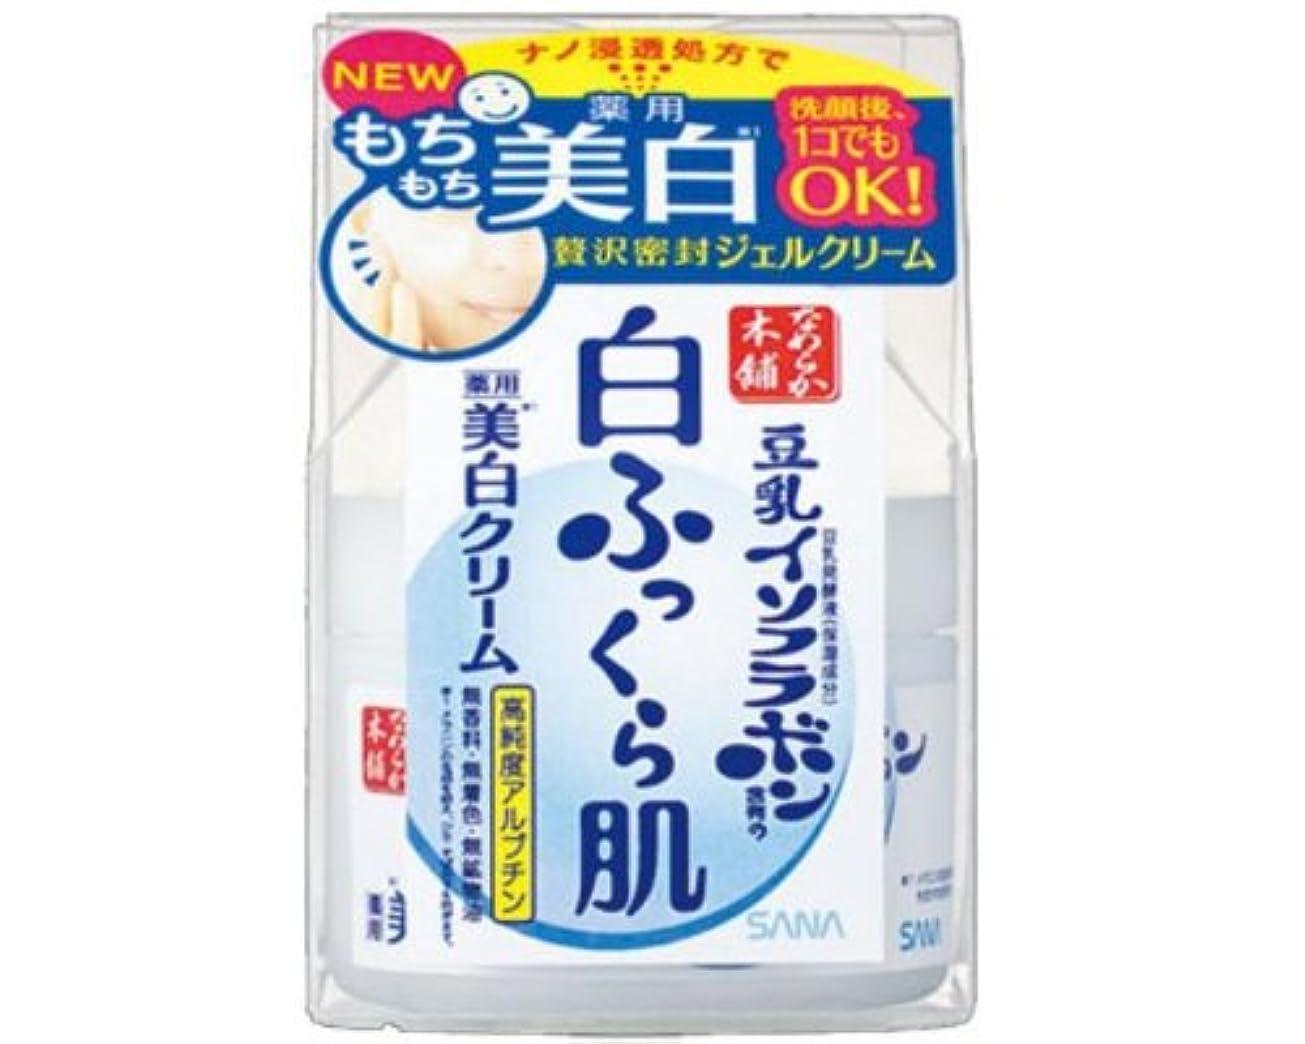 予防接種する環境に優しい鉄なめらか本舗 美白クリーム